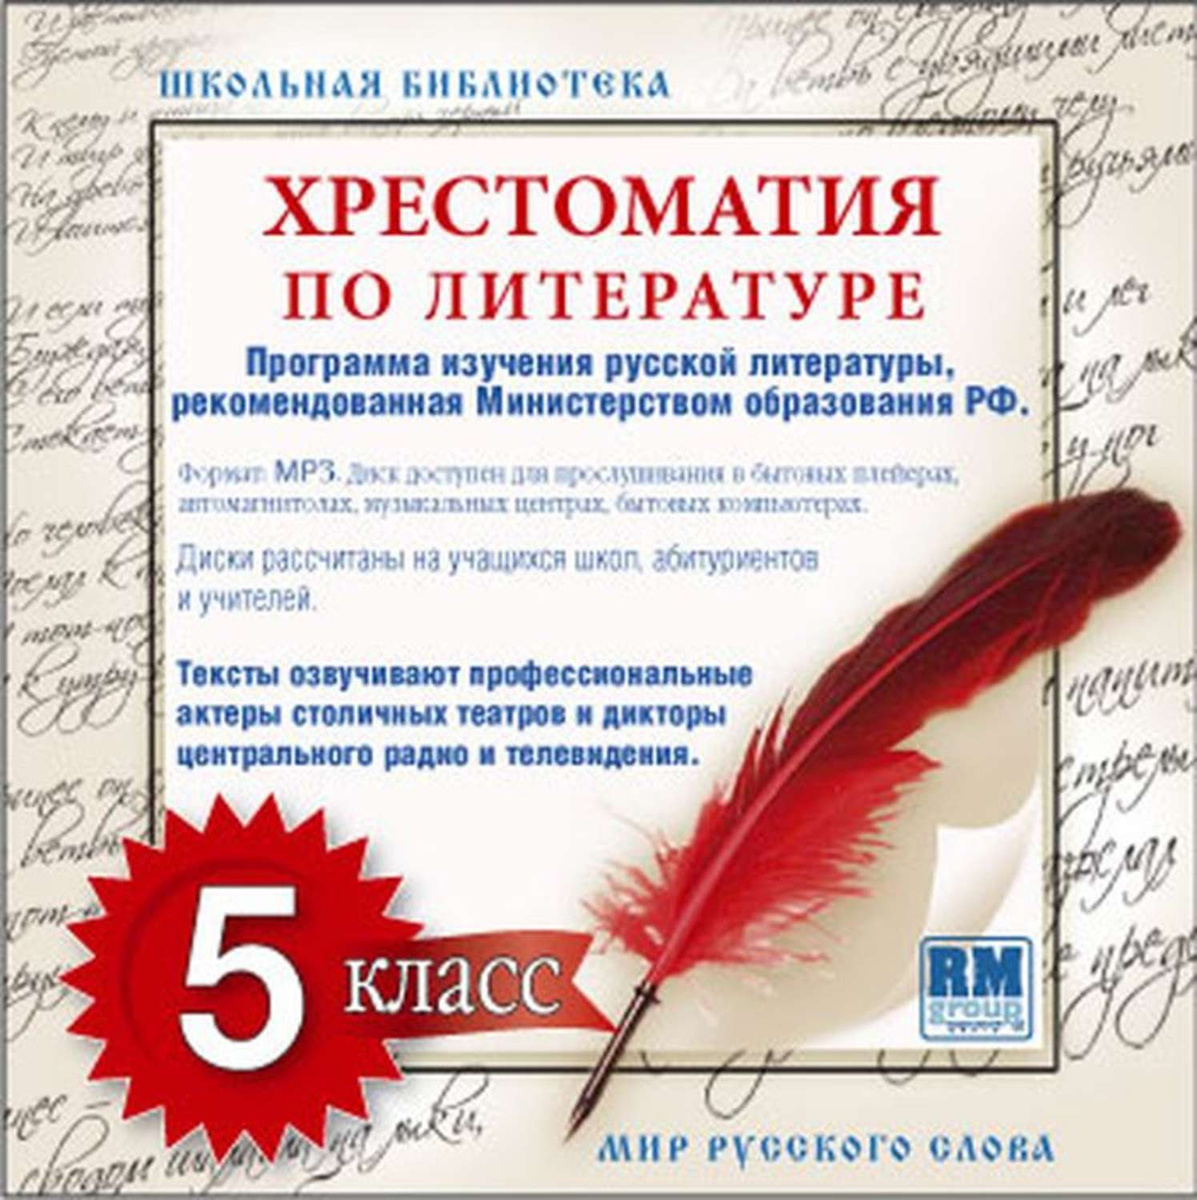 Хрестоматия по Русской литературе 5-й класс. Часть 1-ая | Коллективные сборники  #1